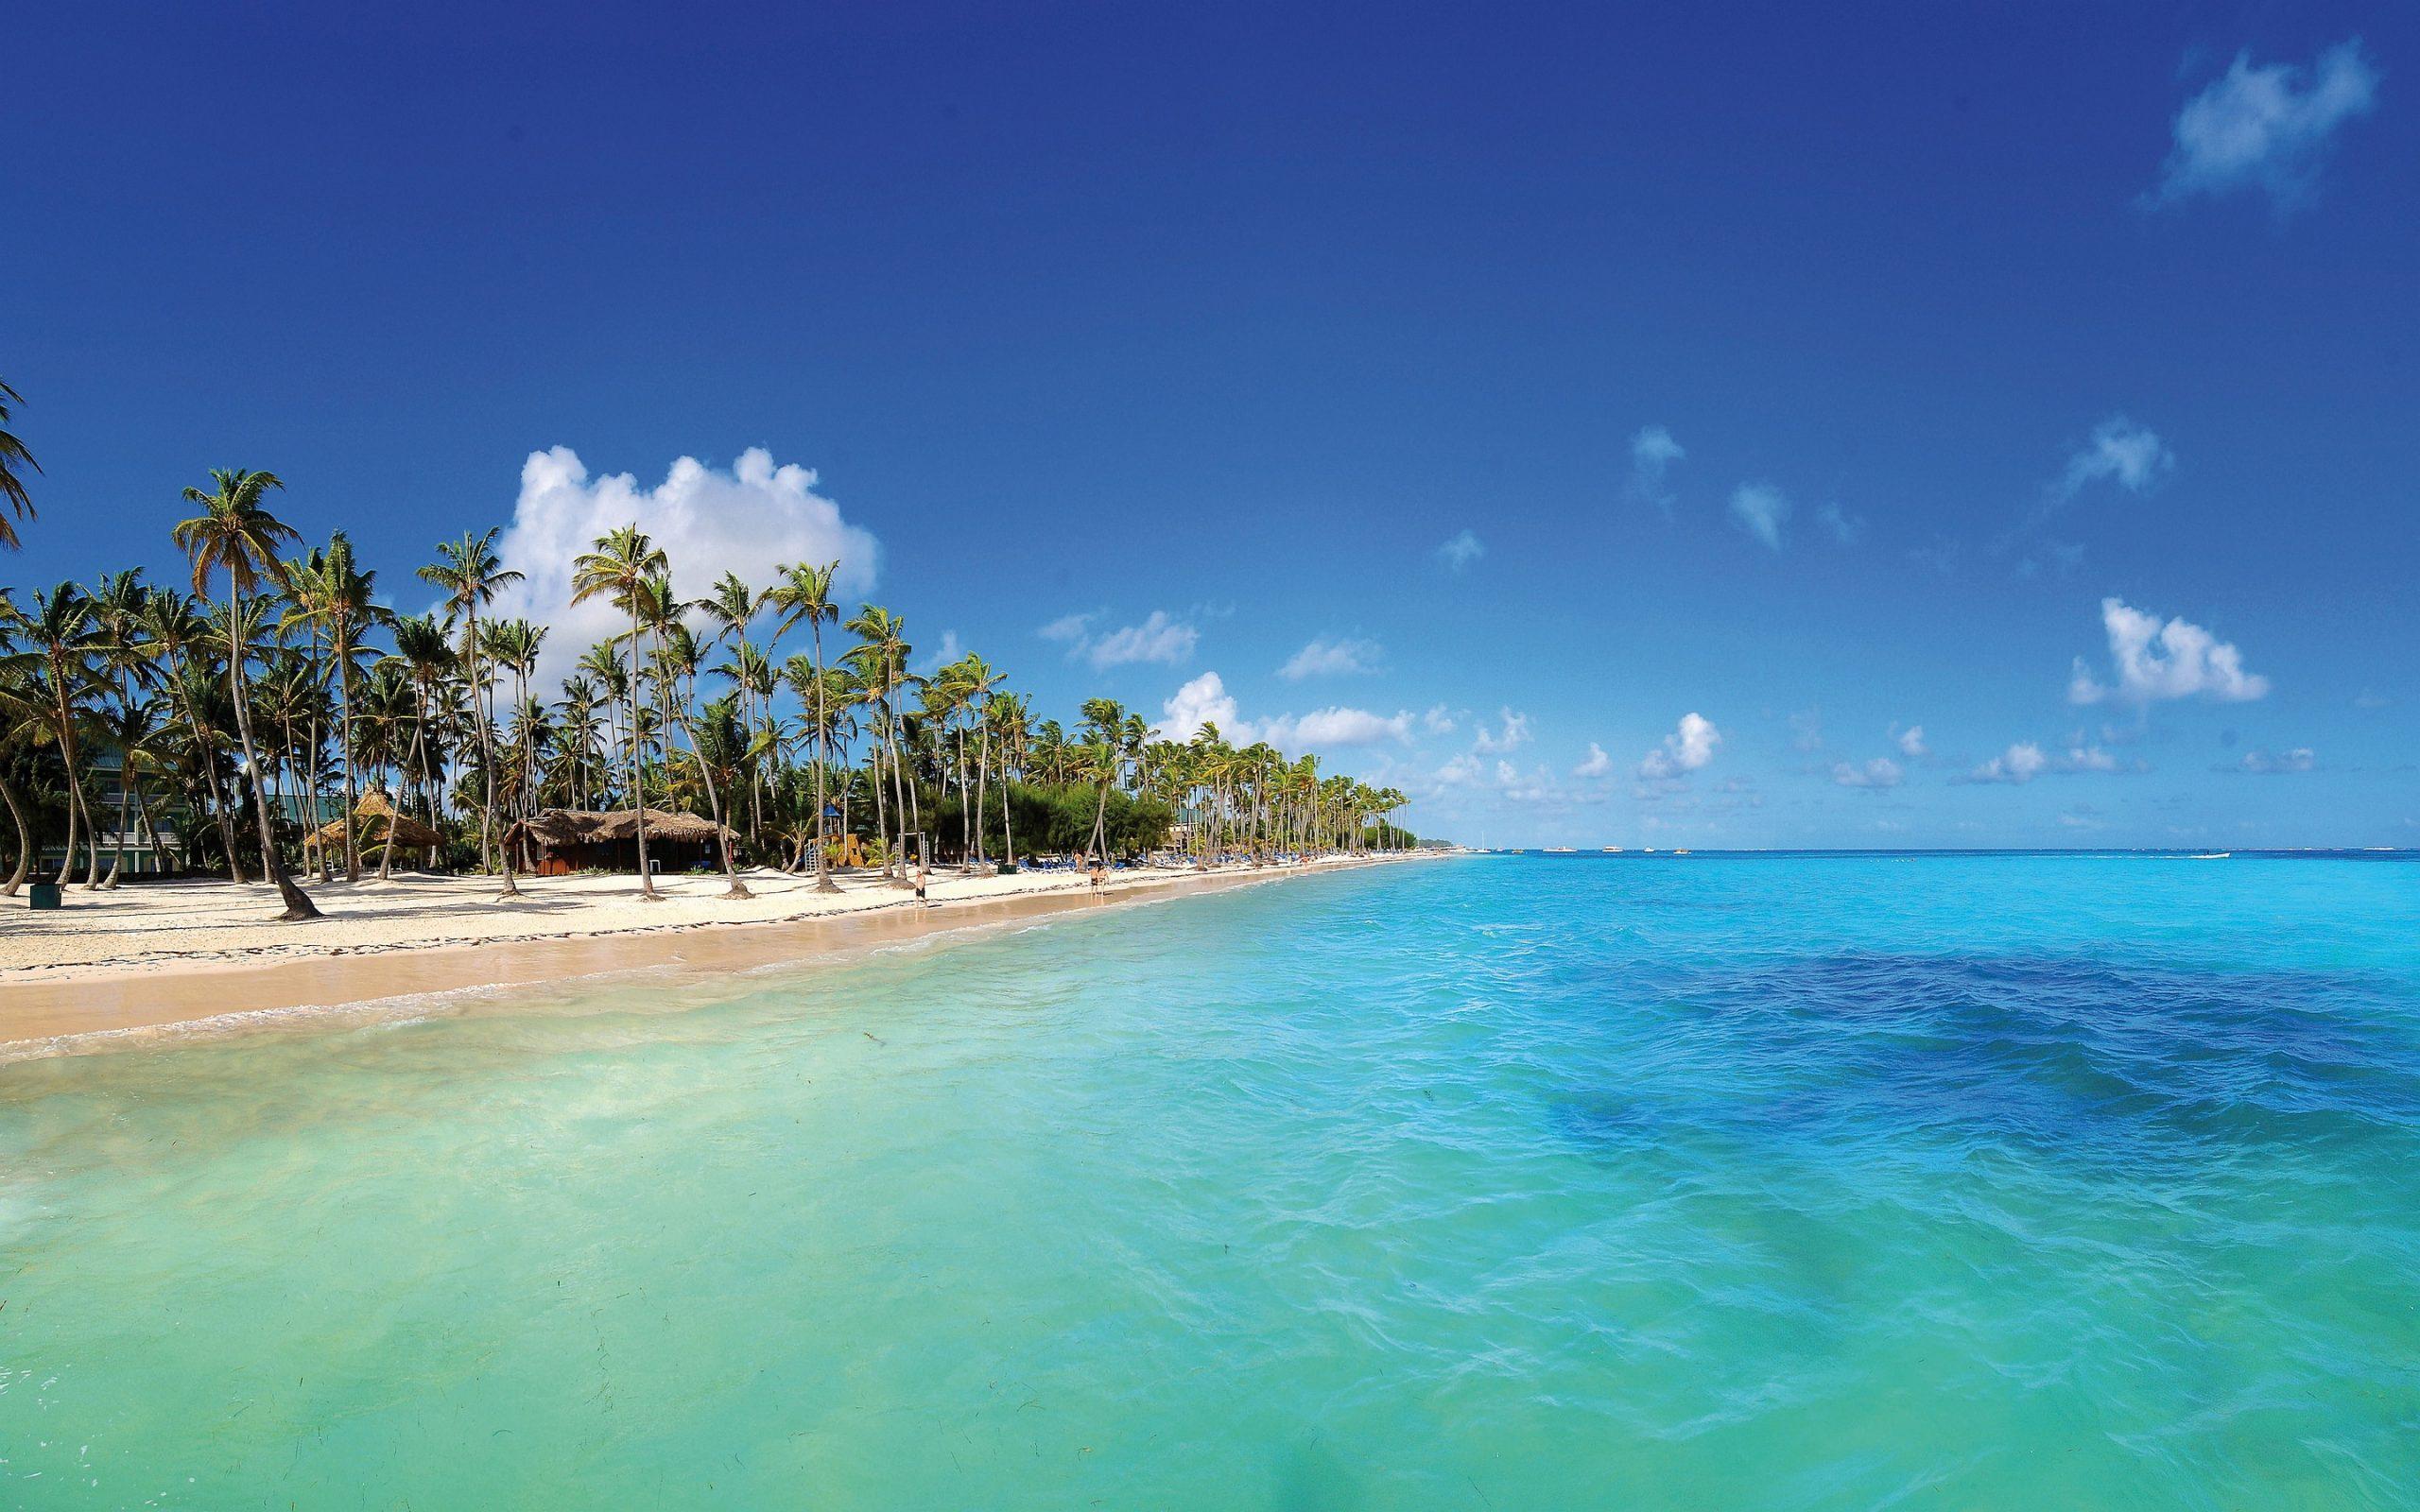 Voyage aux Caraïbes, quelle île choisir ?